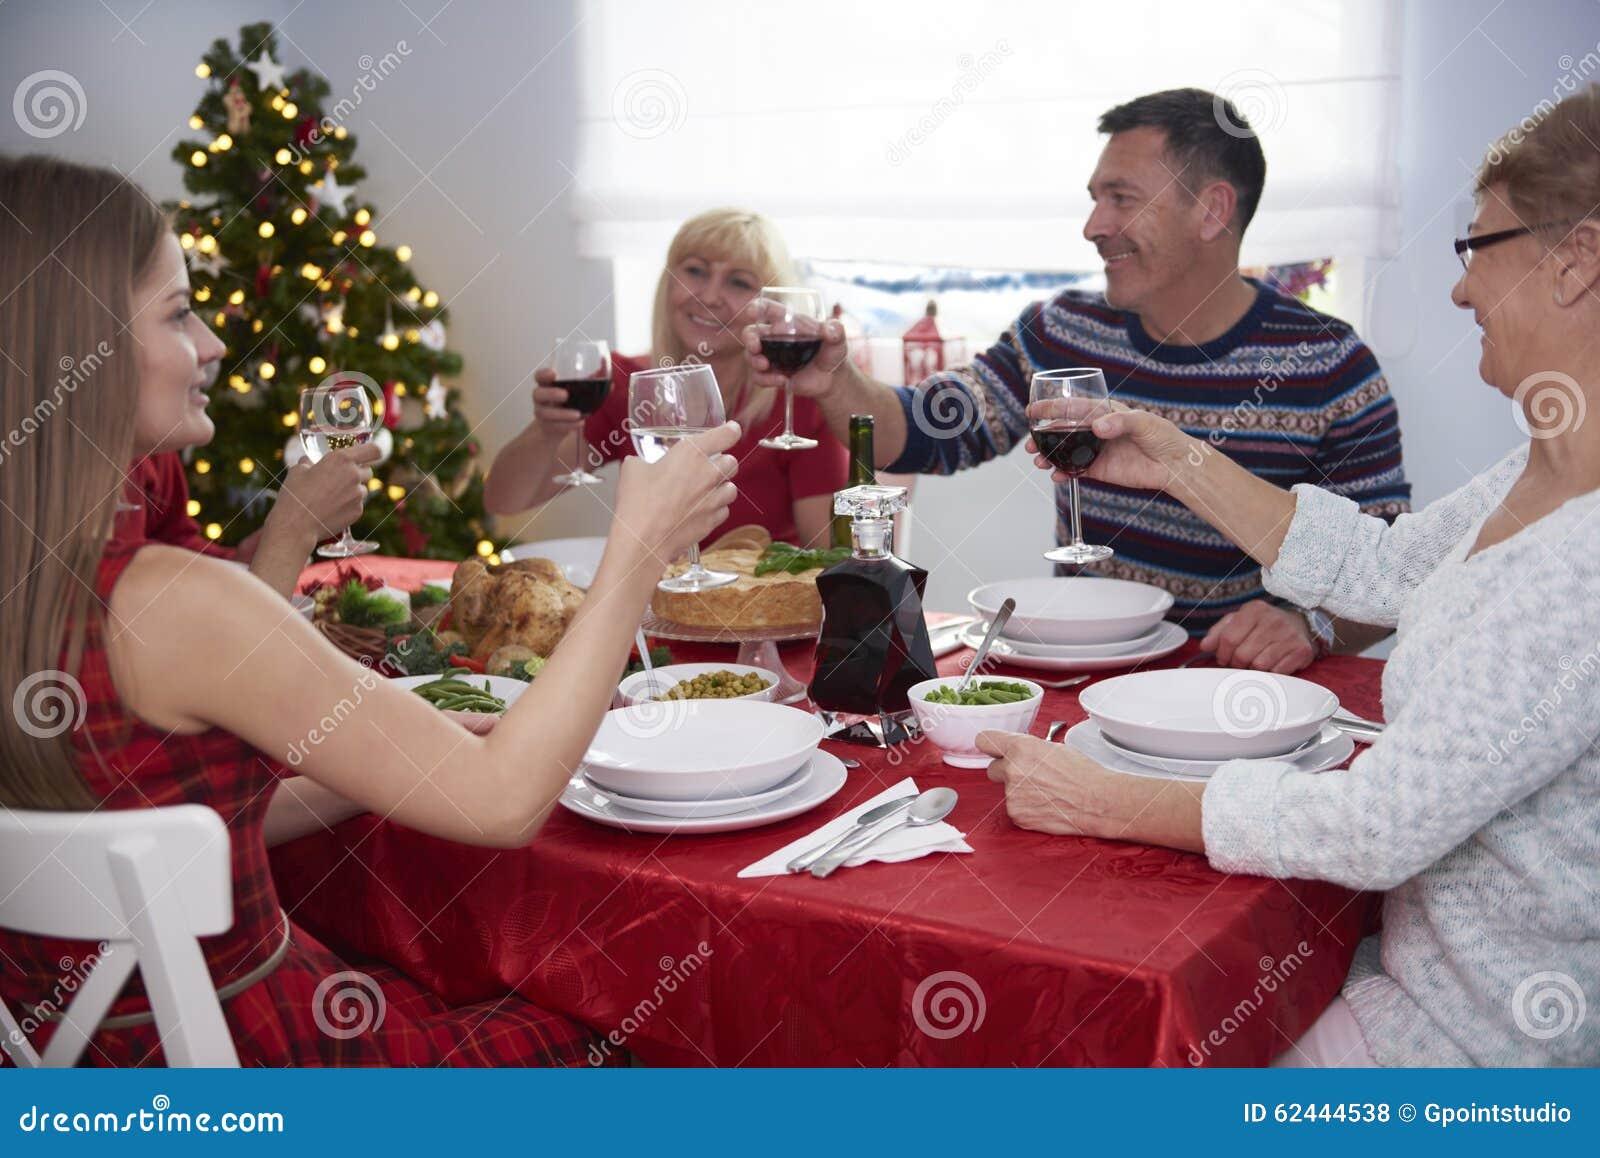 Julen dekorerar nya home idéer för matställe till